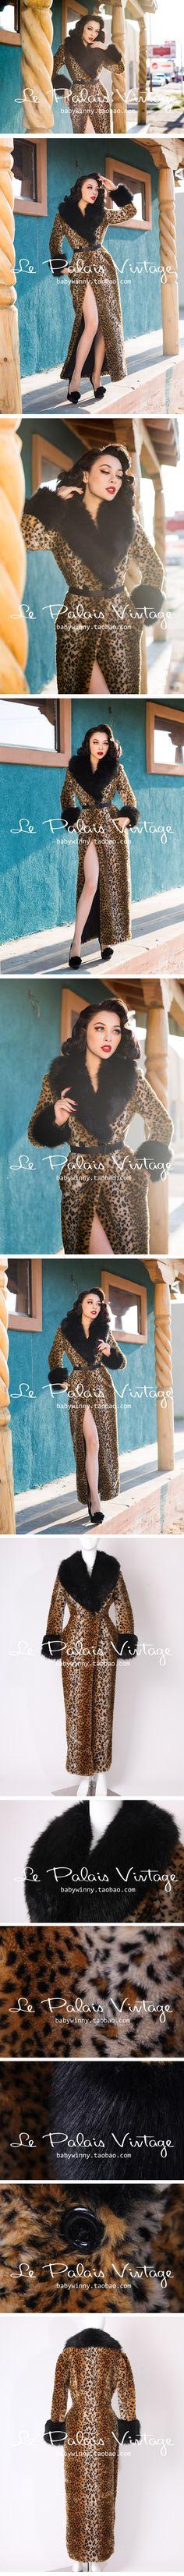 Le Palais Vintage leopard coat